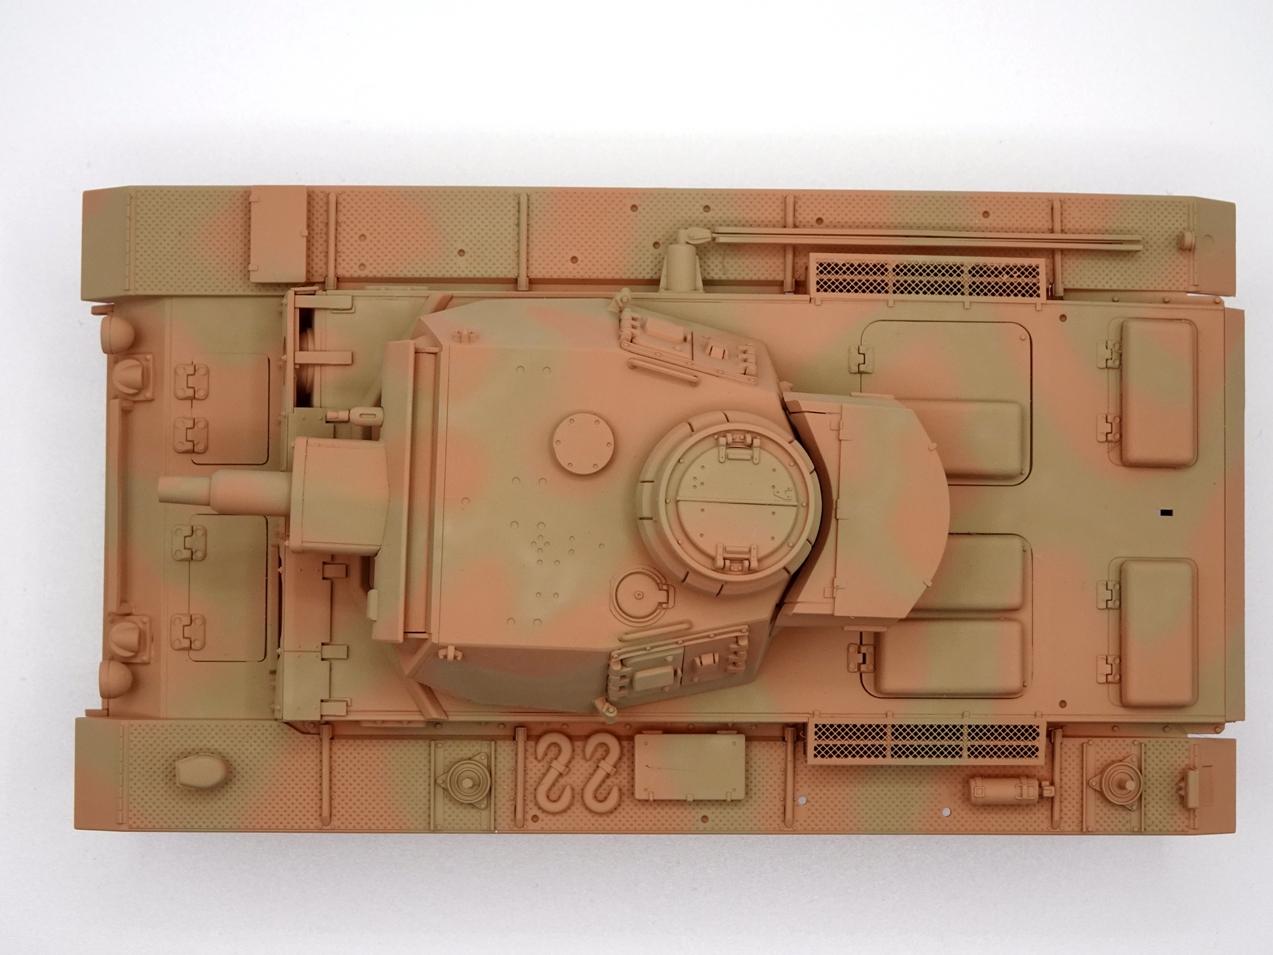 [Tamiya 1/35] Pz III Ausf.N (Sd.Kfz.141/2) réf. 35290 - Page 2 PZIII-camo-2